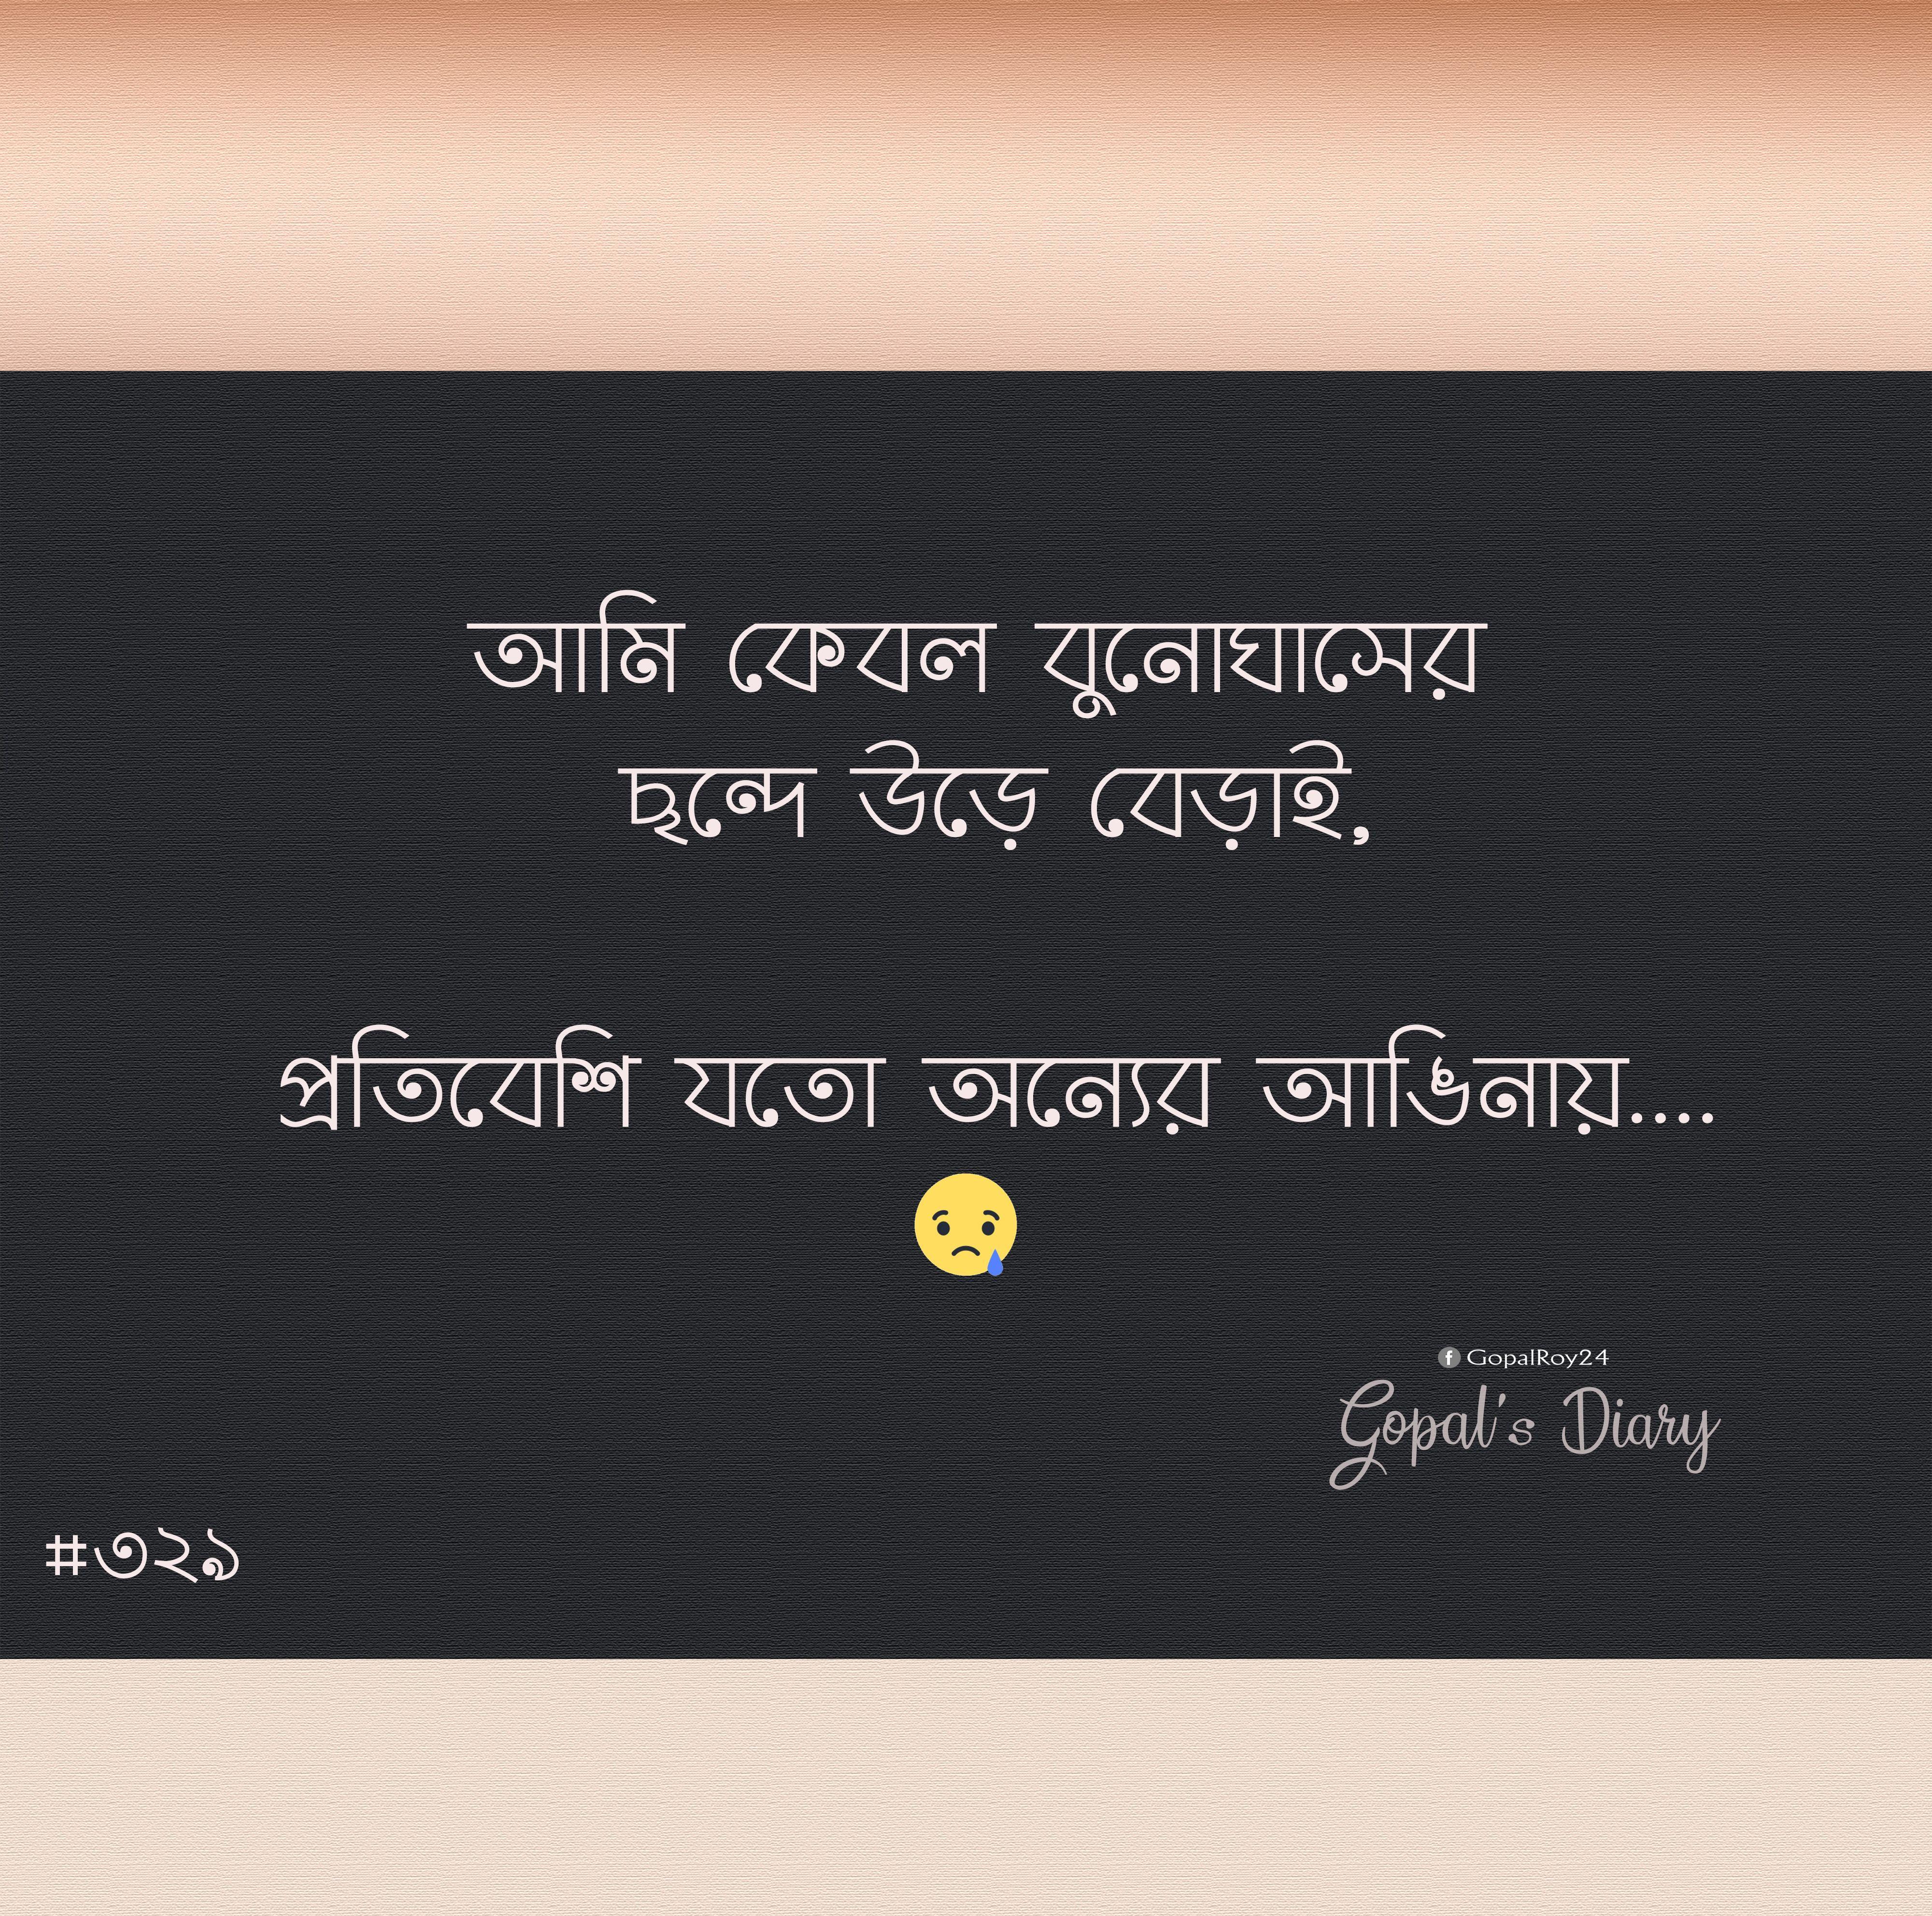 Bangla love quotes Lyric quotes Romantic love quotes Typography